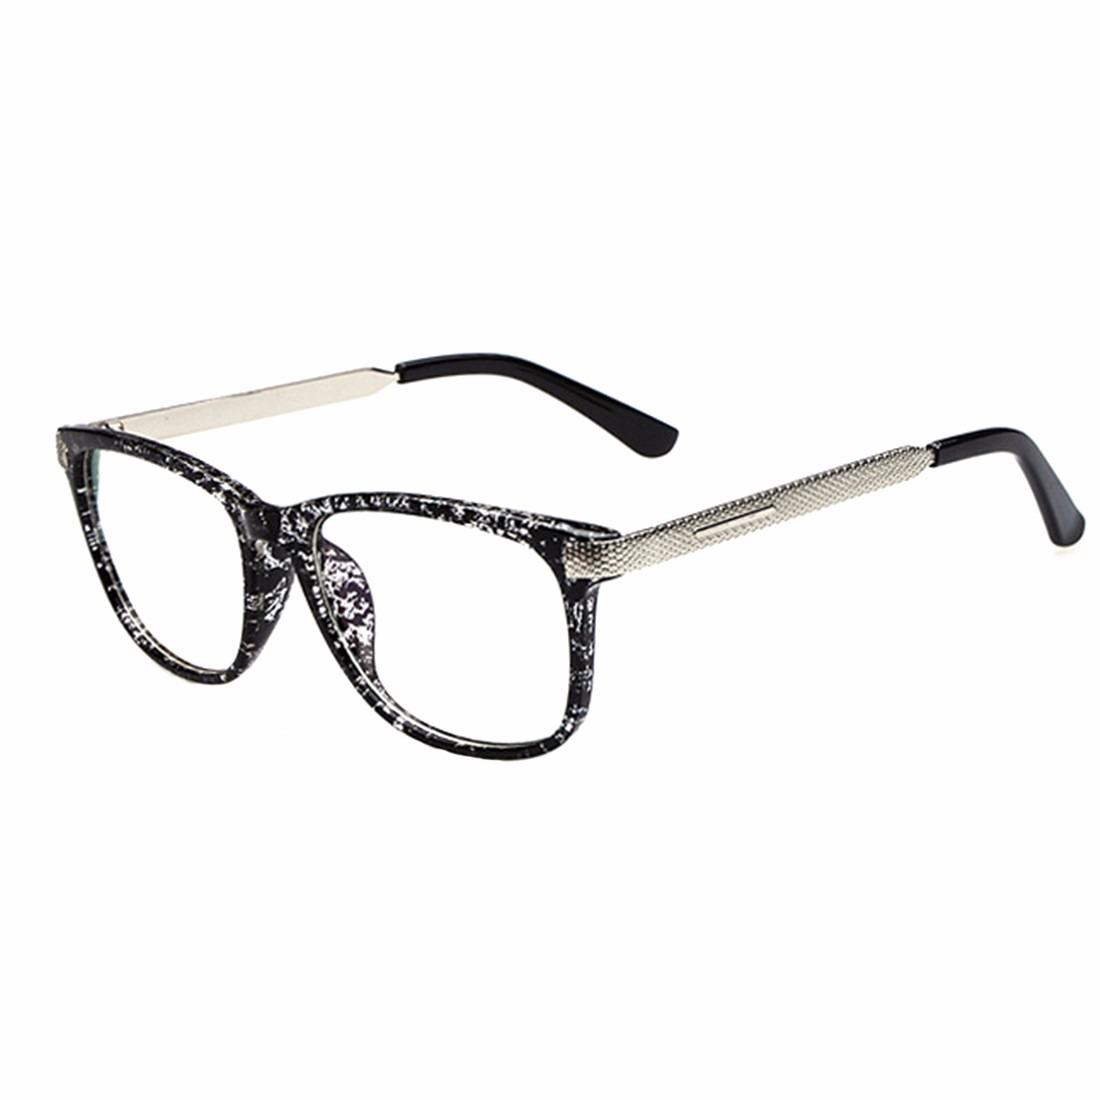 277888c33c131 kit três óculos acetato quadrado novo masculino feminino da. Carregando  zoom.